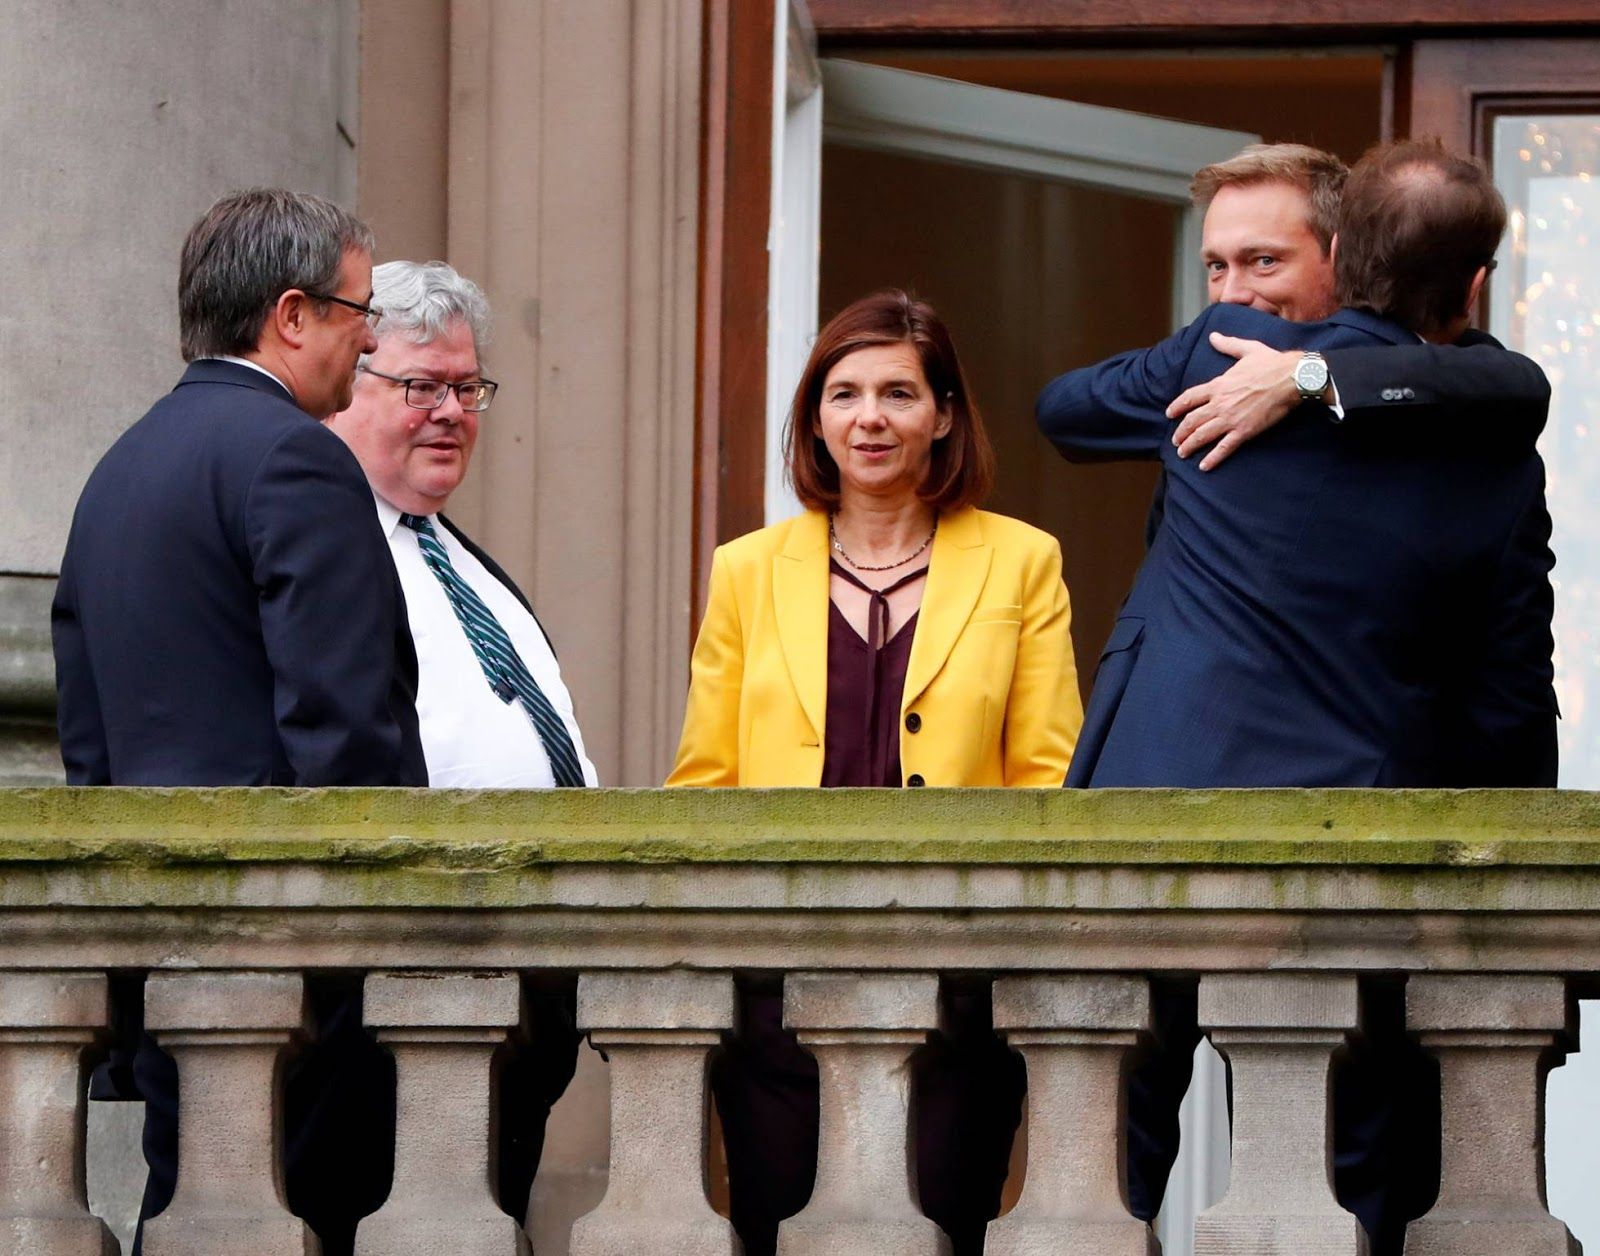 La migración y el clima, primeros choques en las negociaciones de Gobierno en Alemania